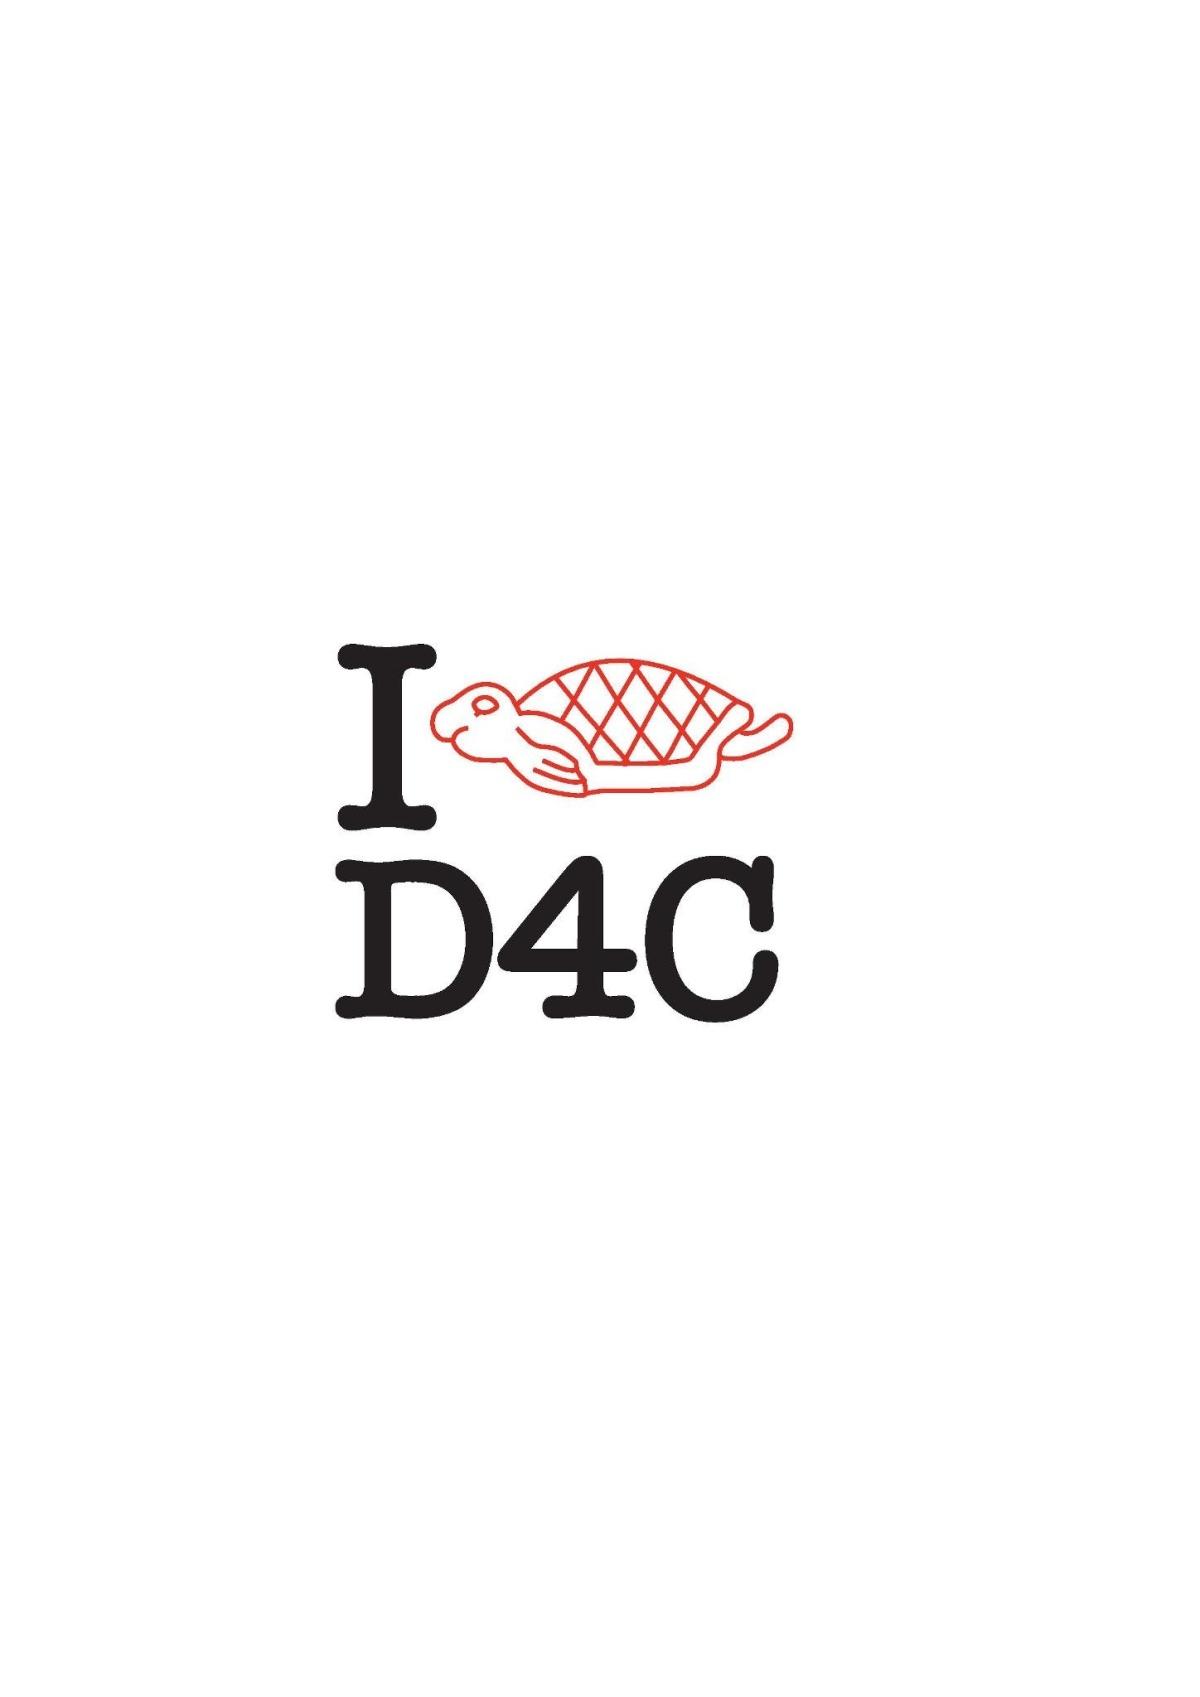 D4C alla sezione ARI diComo